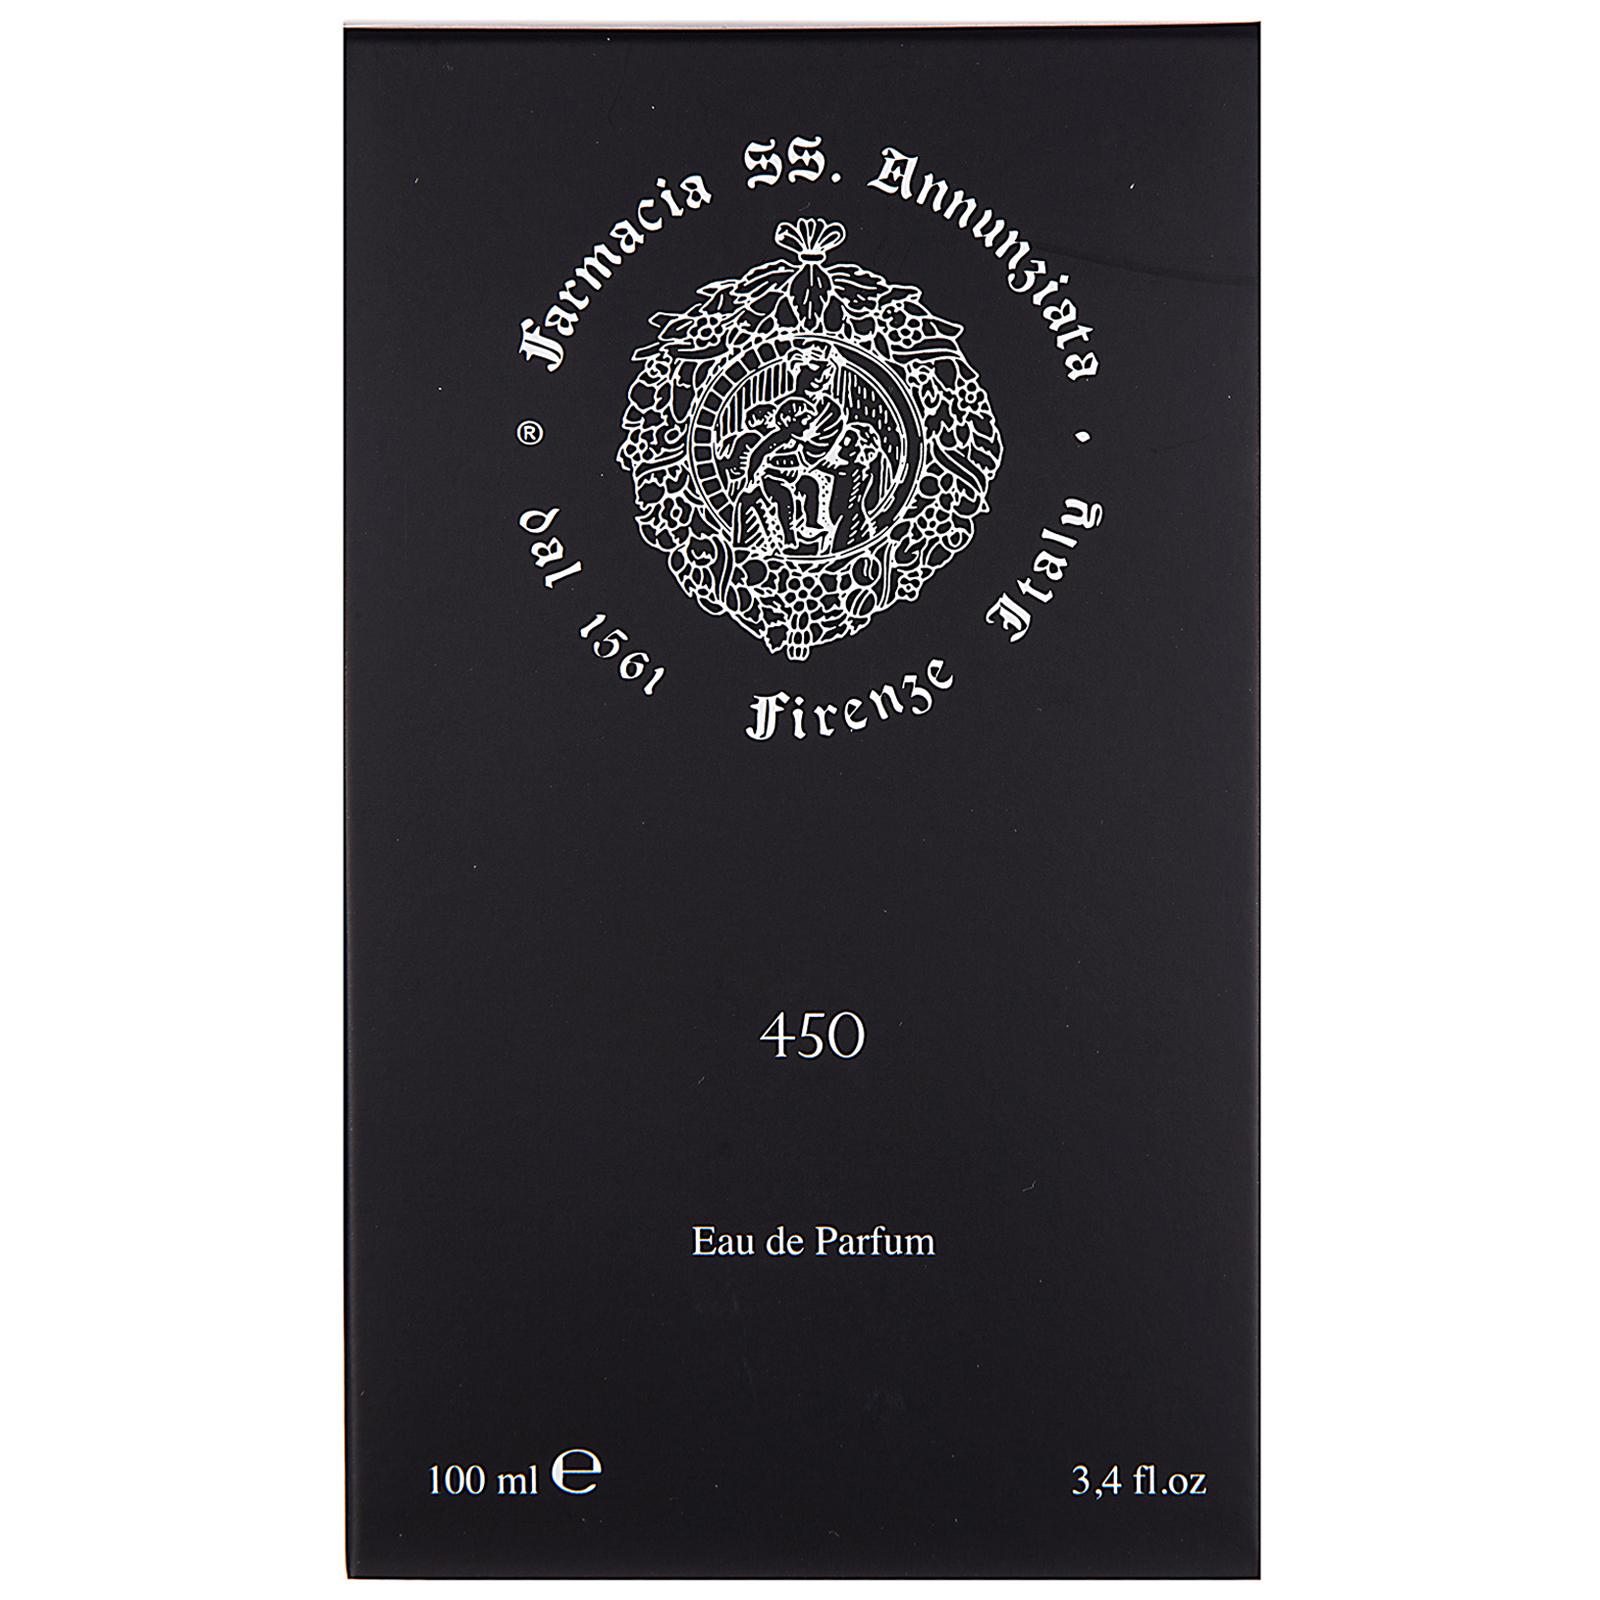 450 perfume eau de parfum 100 ml